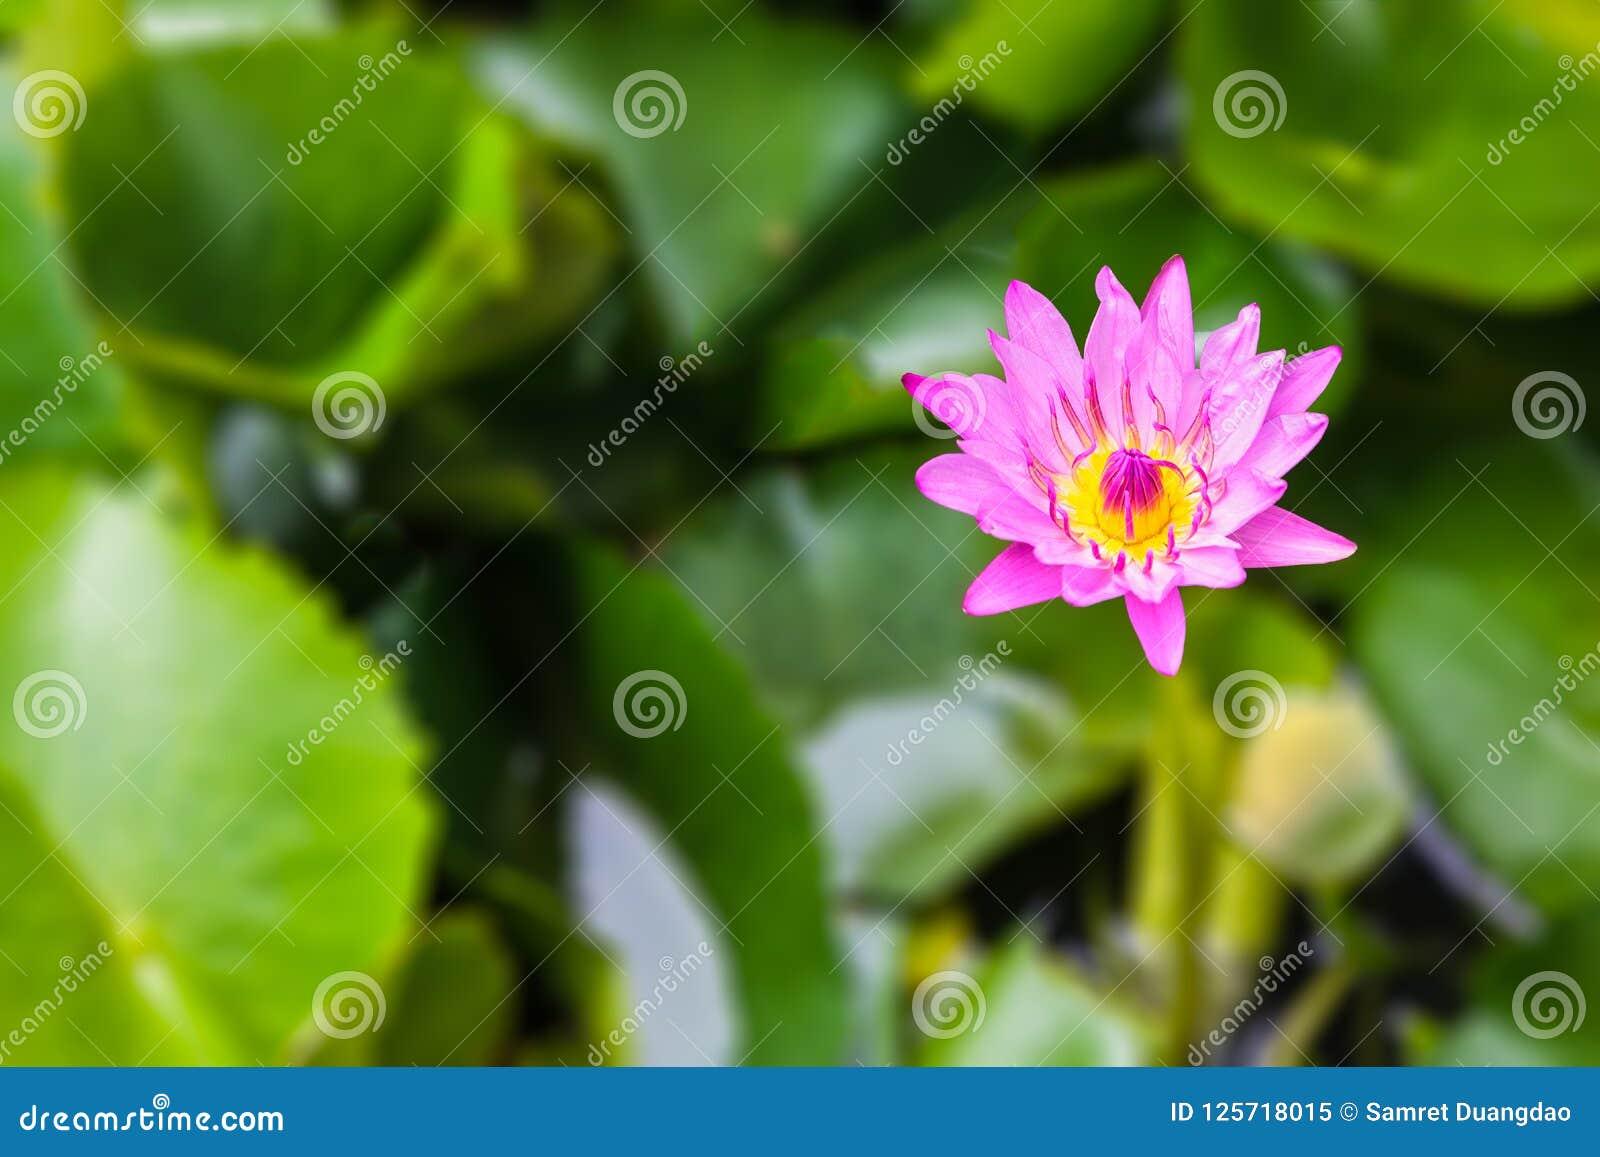 De Wildernis van Nymphaeastellata of de waterlelie of de lotusbloem zijn aquatische installatie a